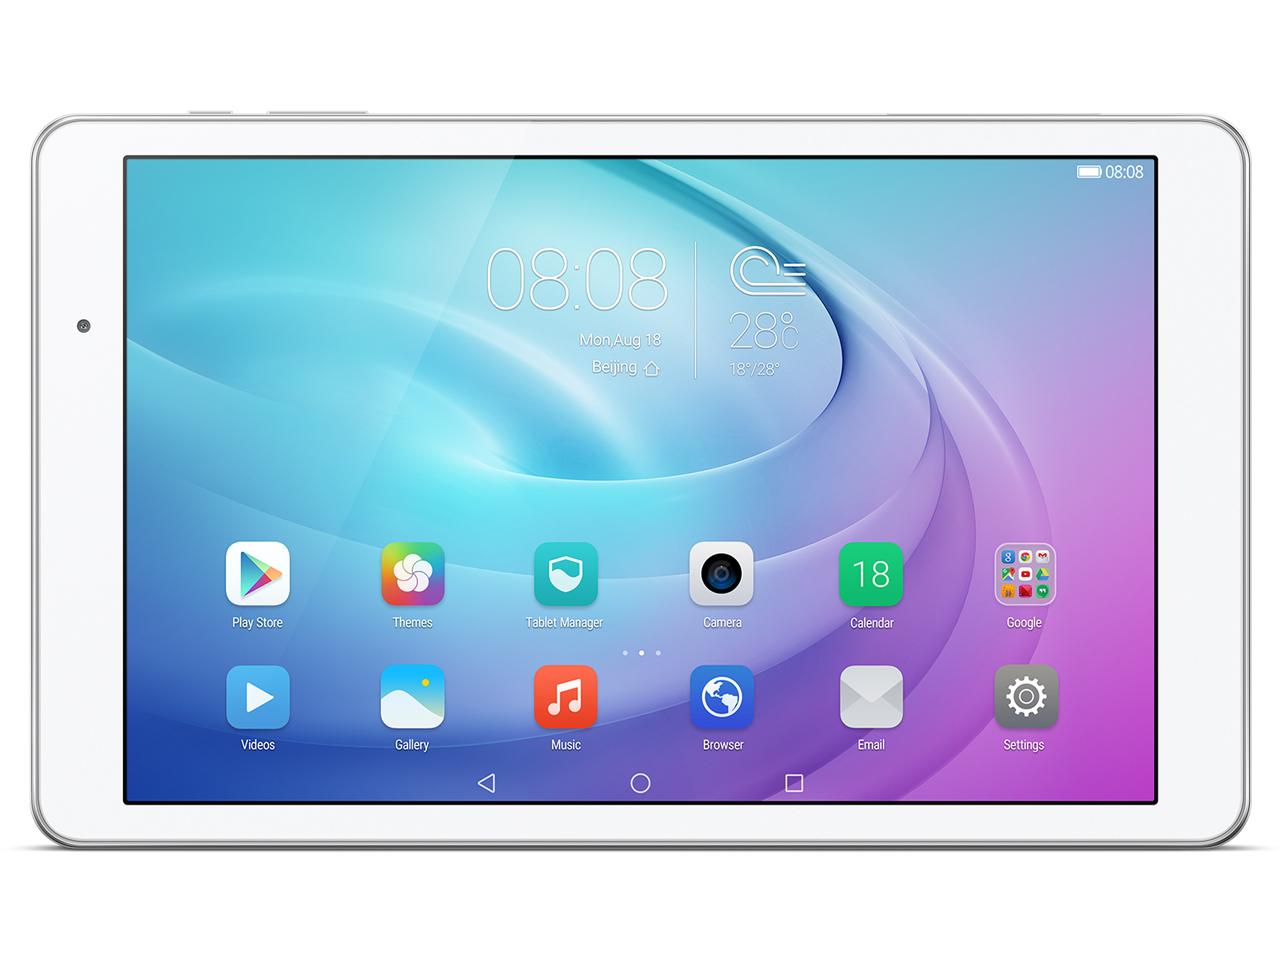 Huaweiから「MediaPad T2 10.0 Pro」が登場!スペックや価格・発売日情報